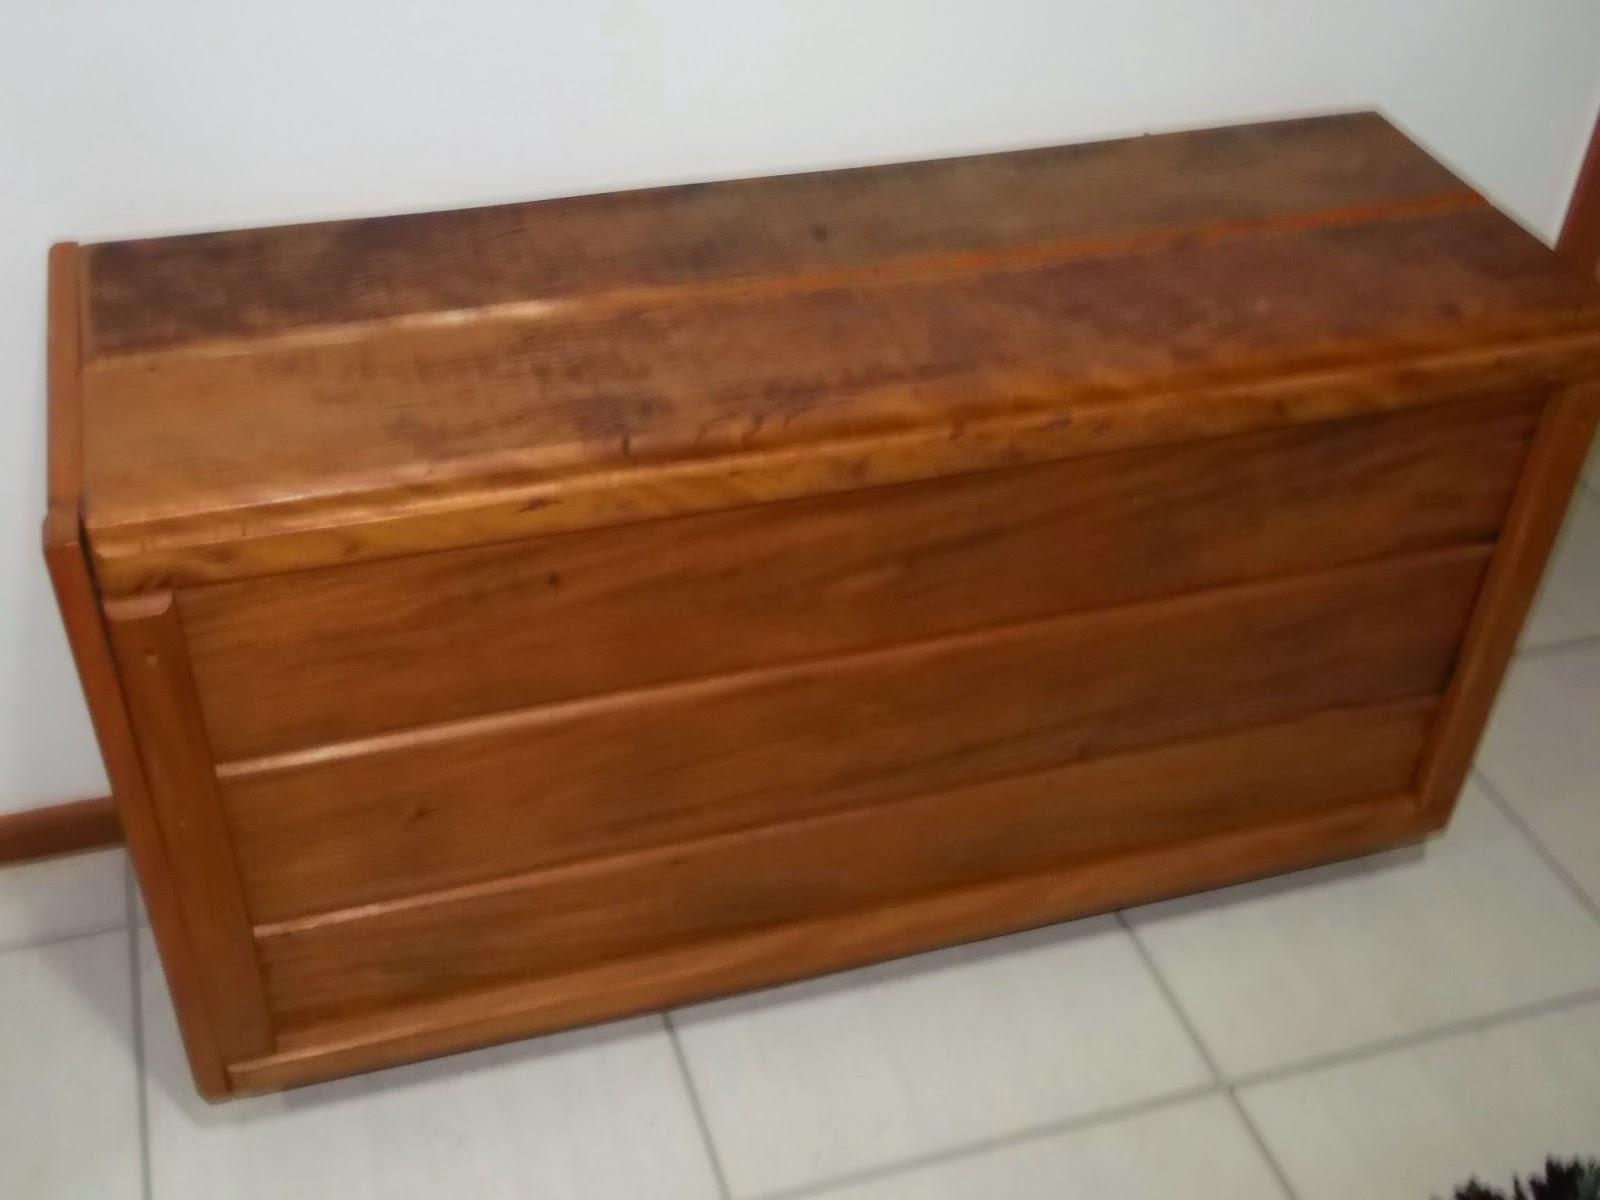 Bau em  madeira de demolição.